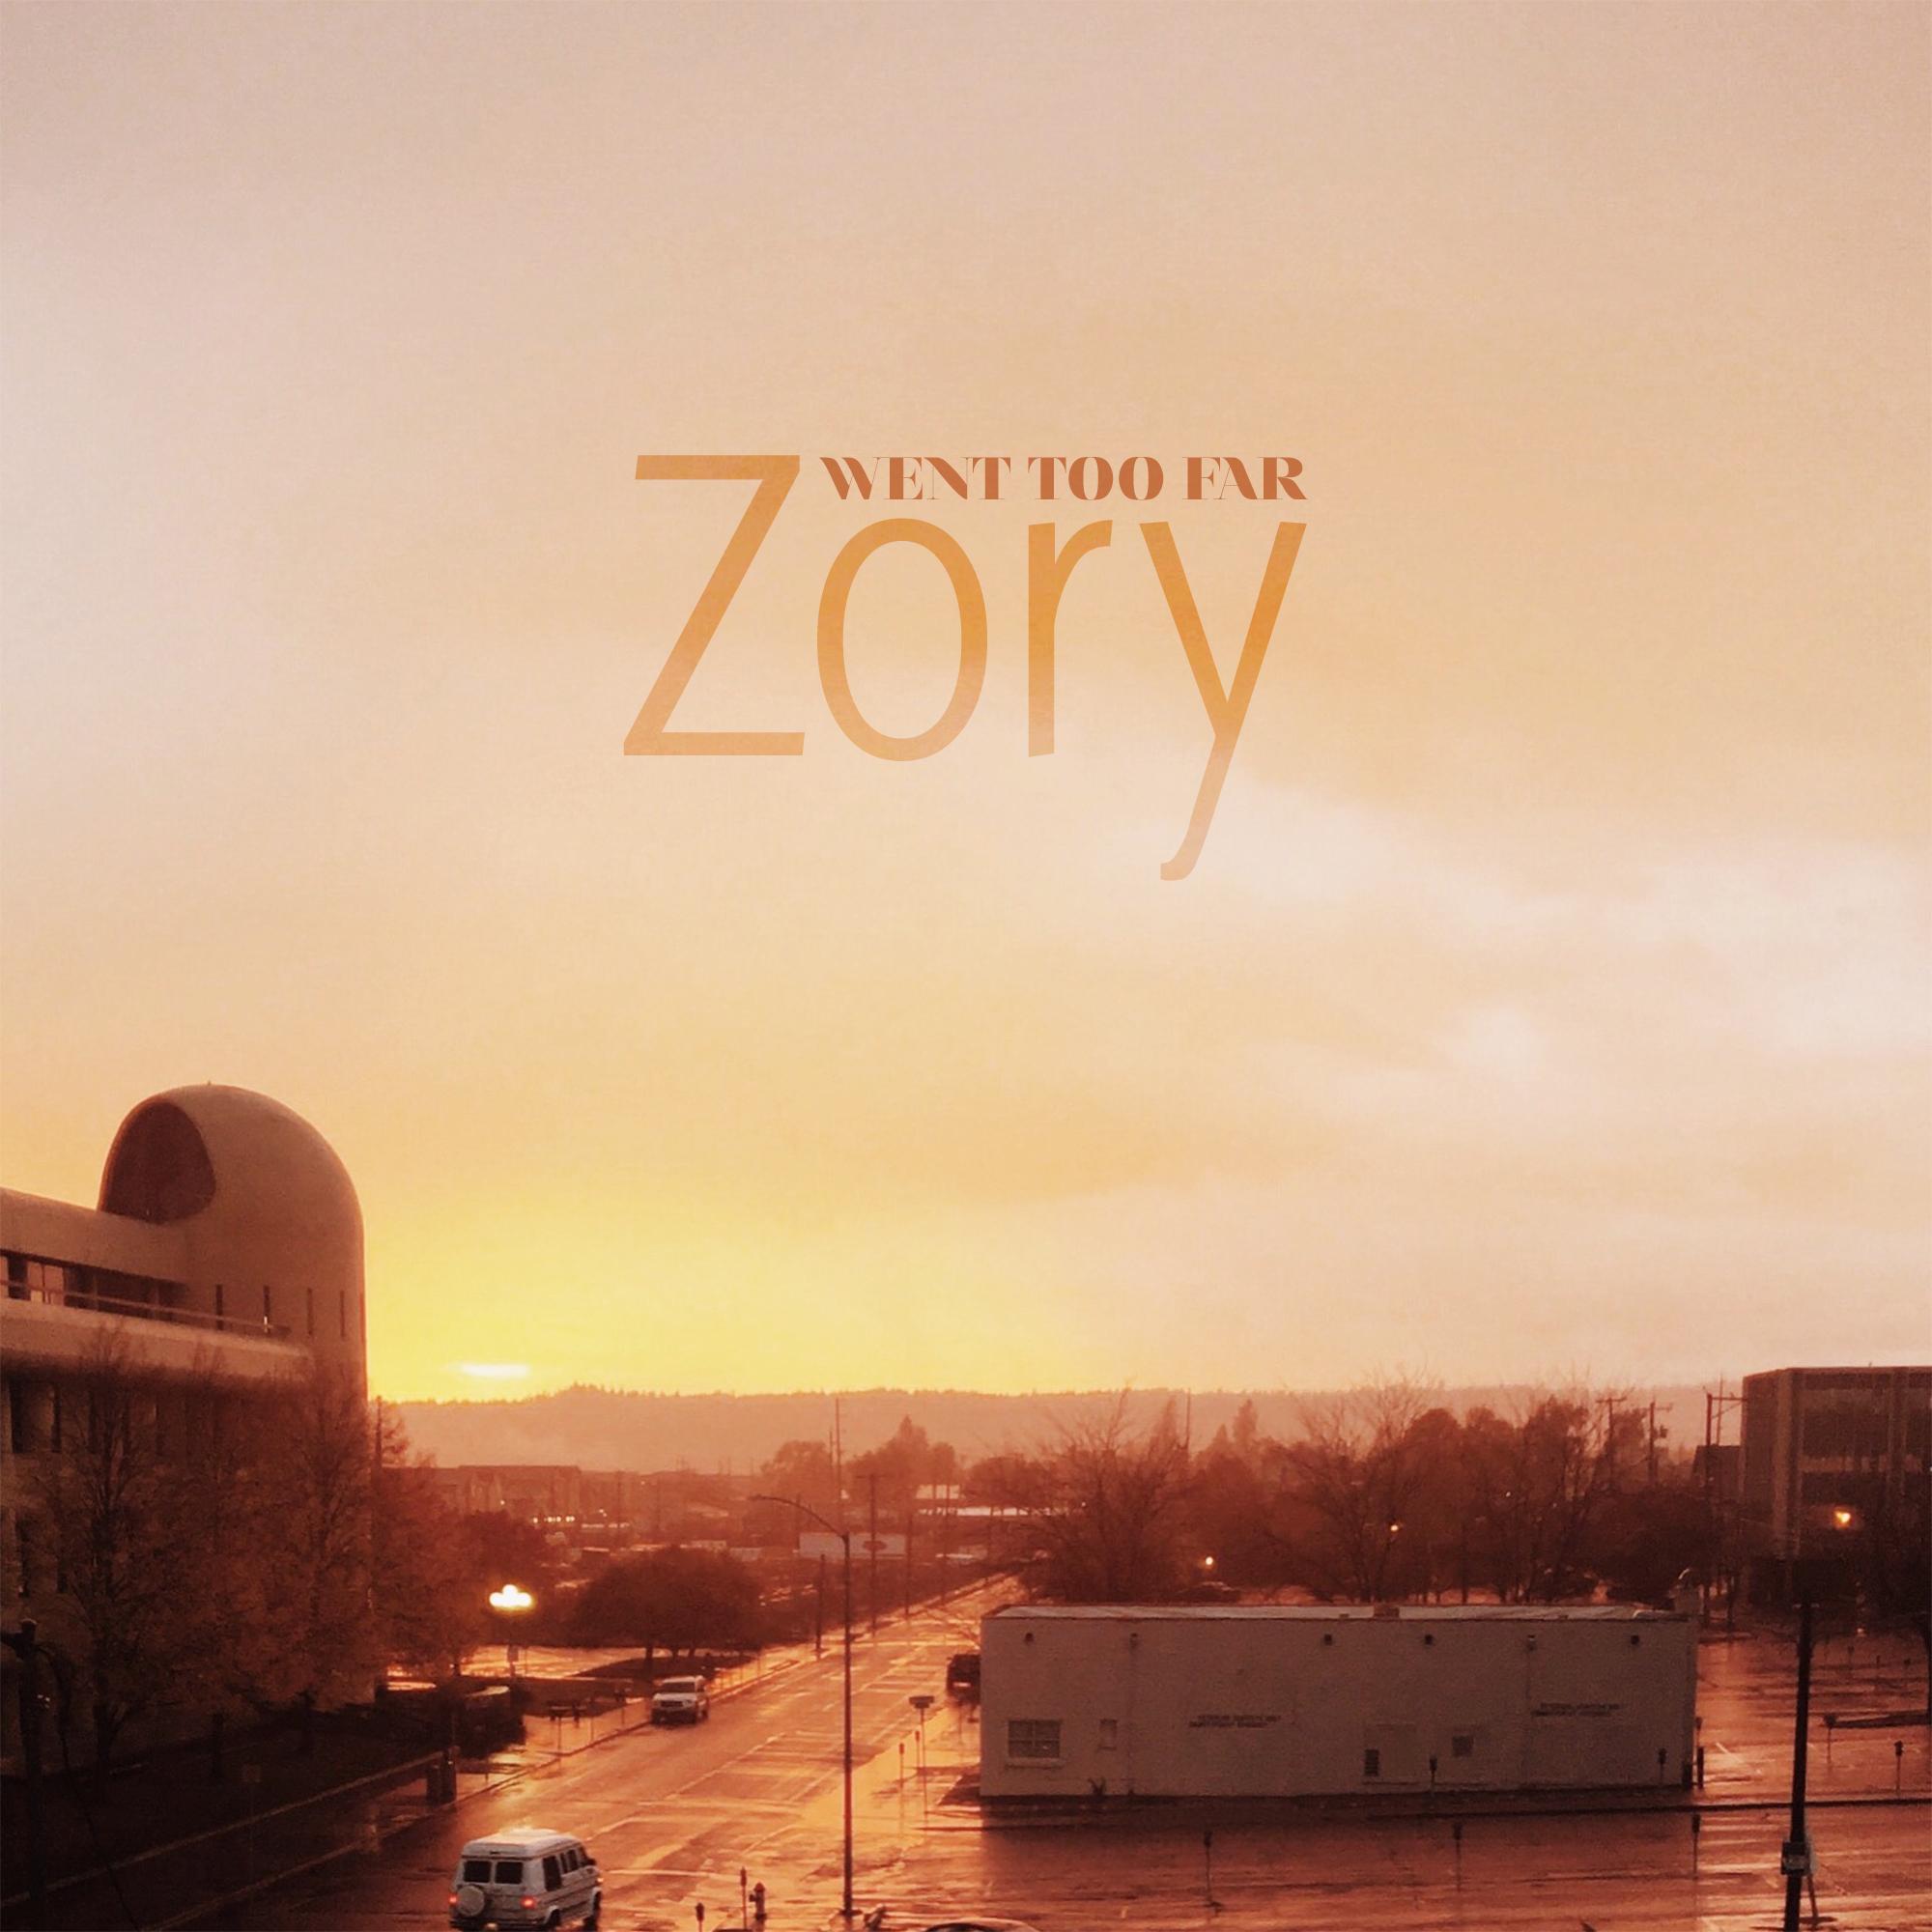 Zory-Went-Too-Far-Cover-Art-v3.jpg